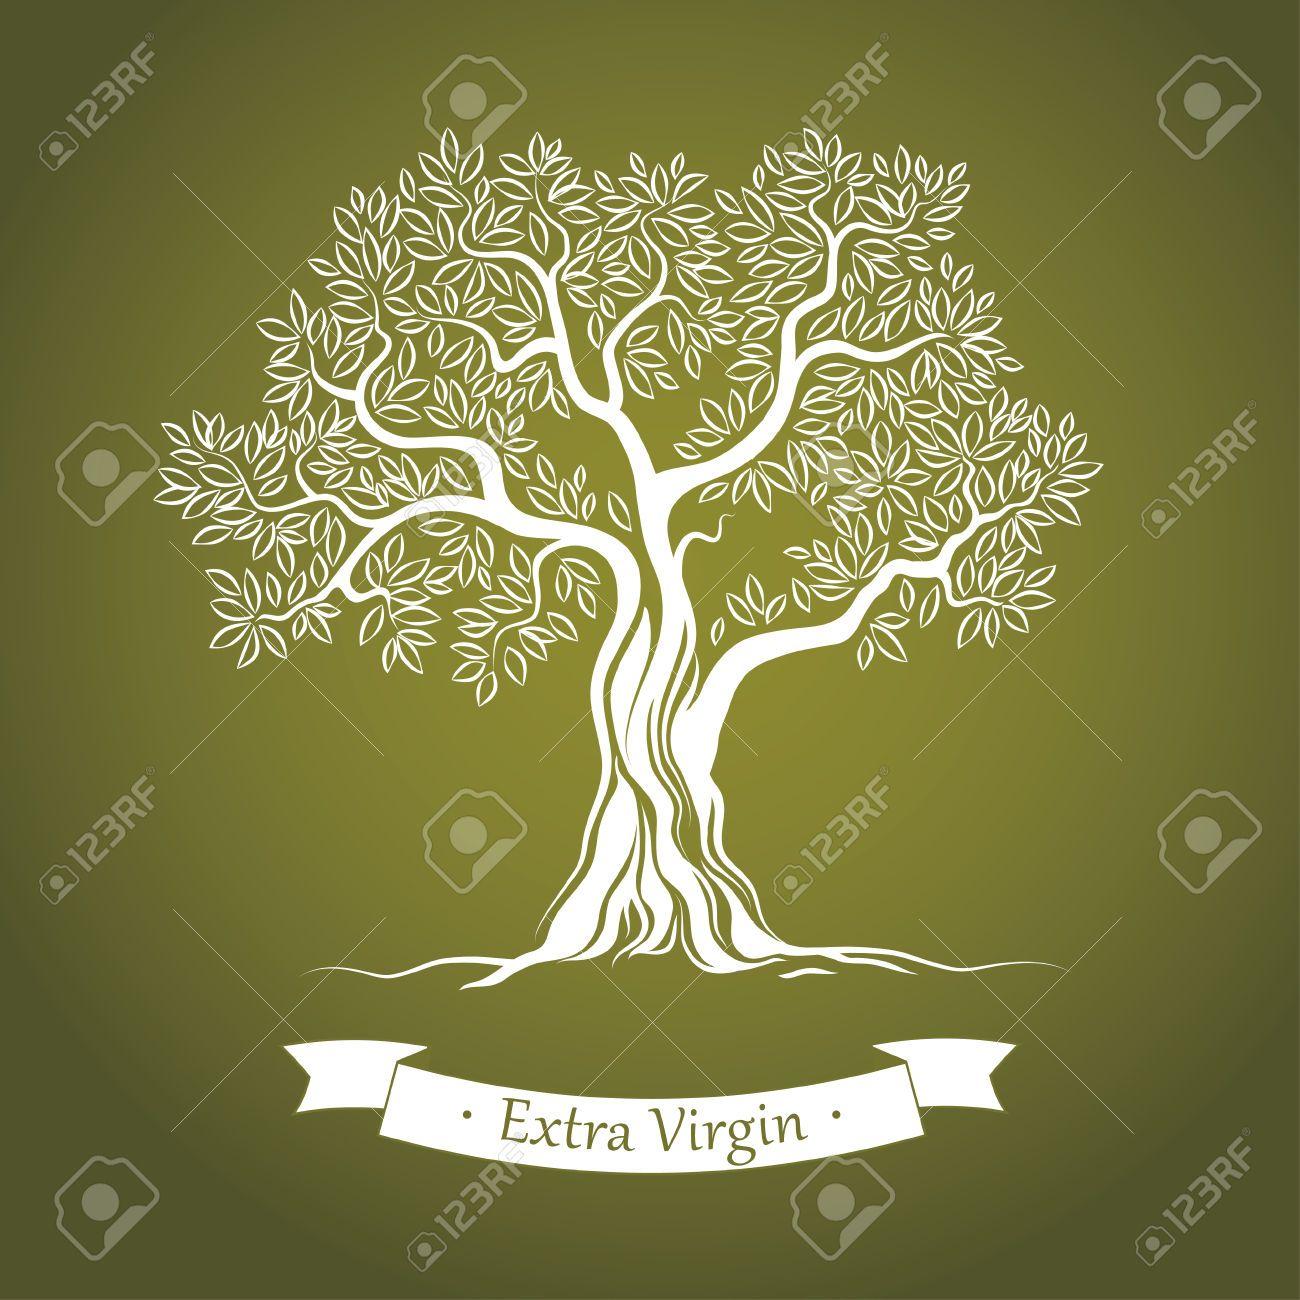 Arbol del olivo google search israel alberi e paesaggi for Albero ulivo vettoriale